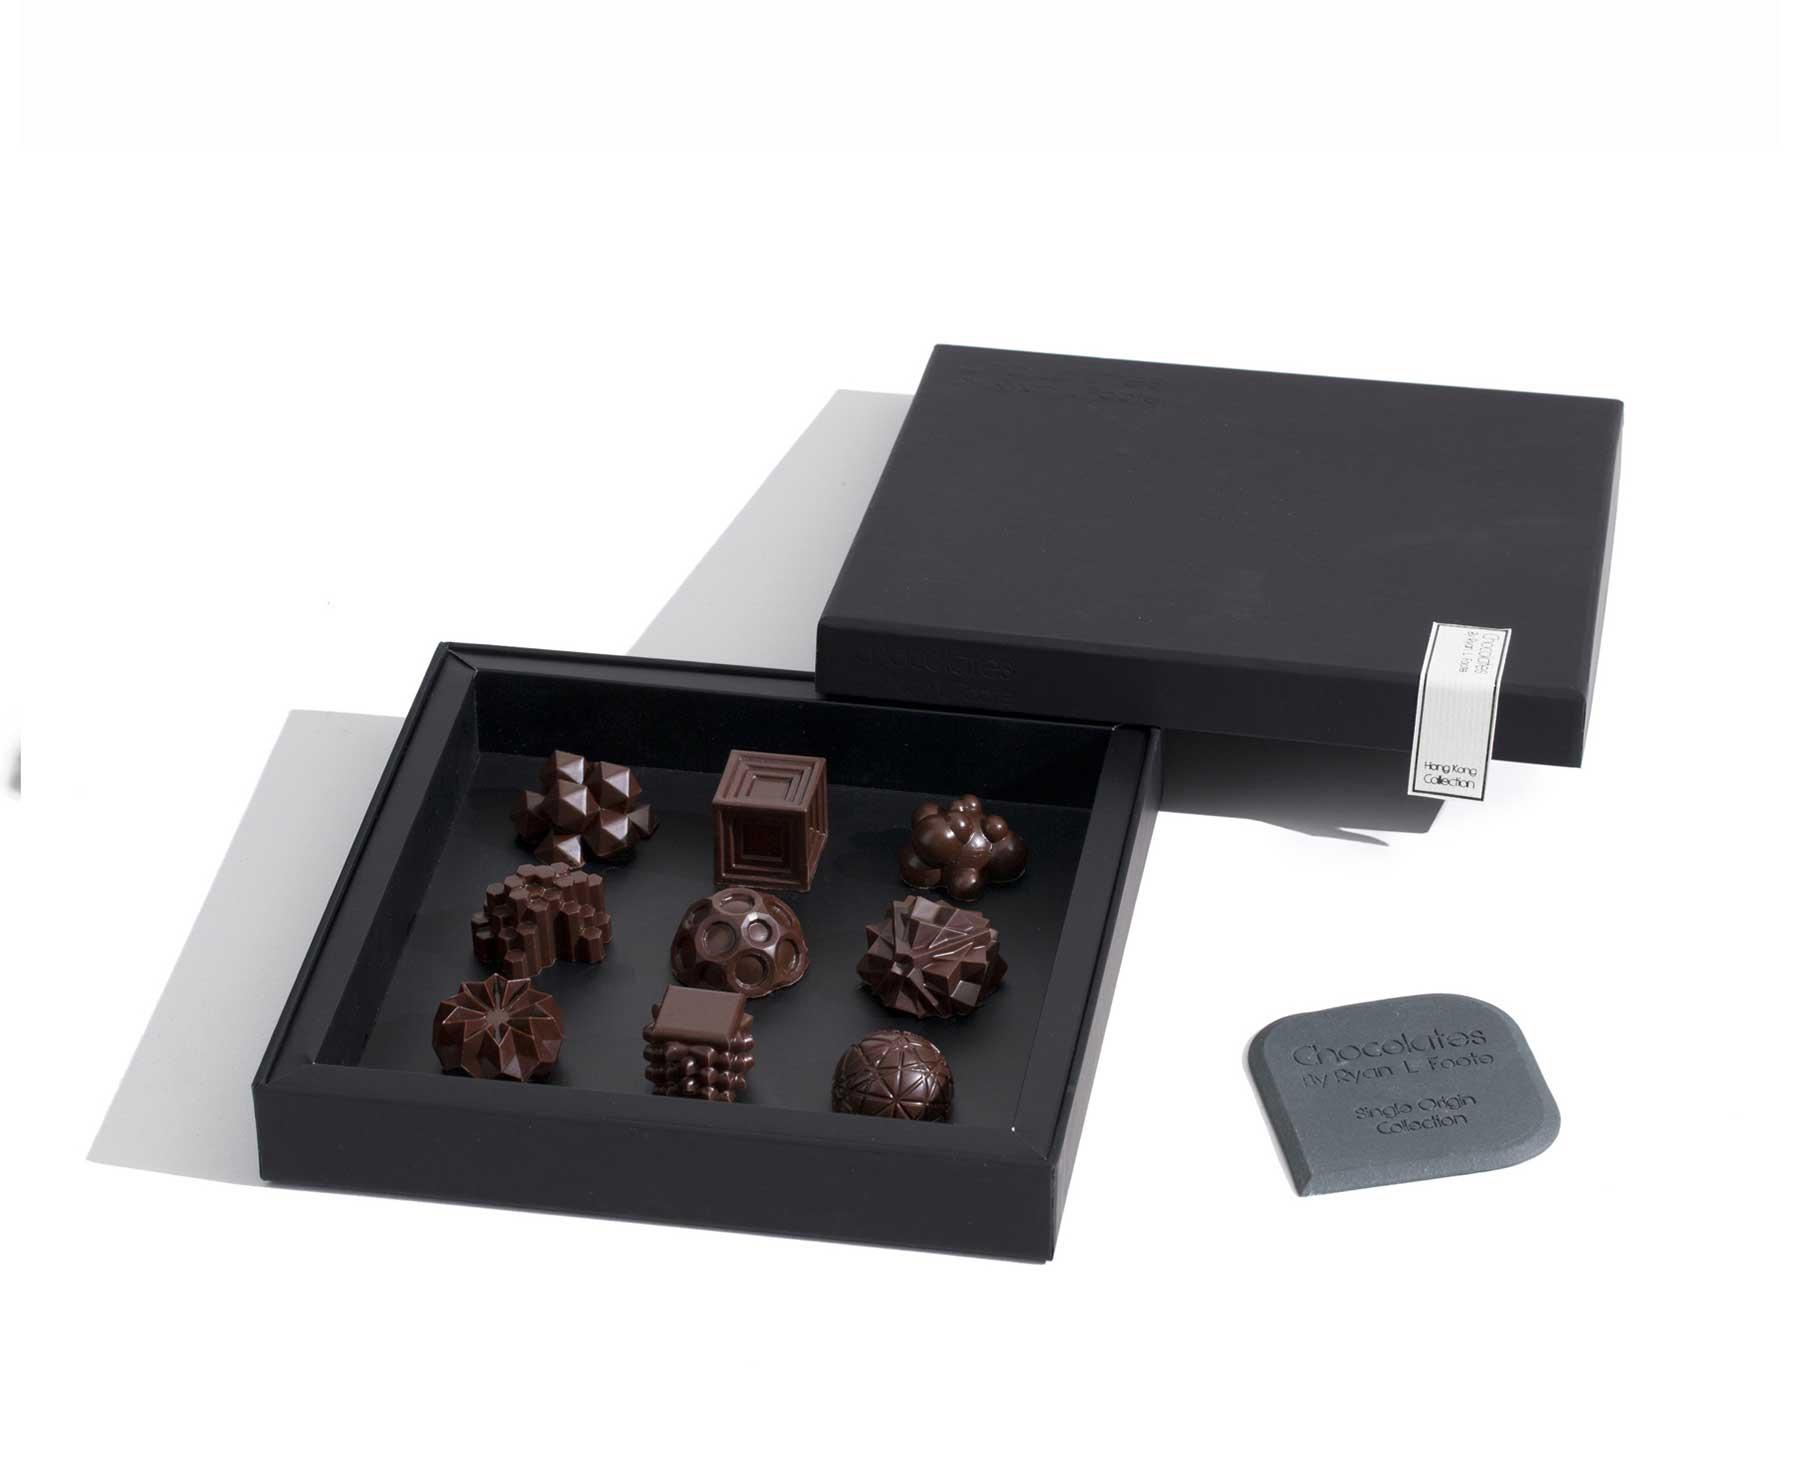 3D-gedruckte Schokoladen-Miniaturskulpturen 3d-gedruckte-schokolade-Ryan-L-Foote_09